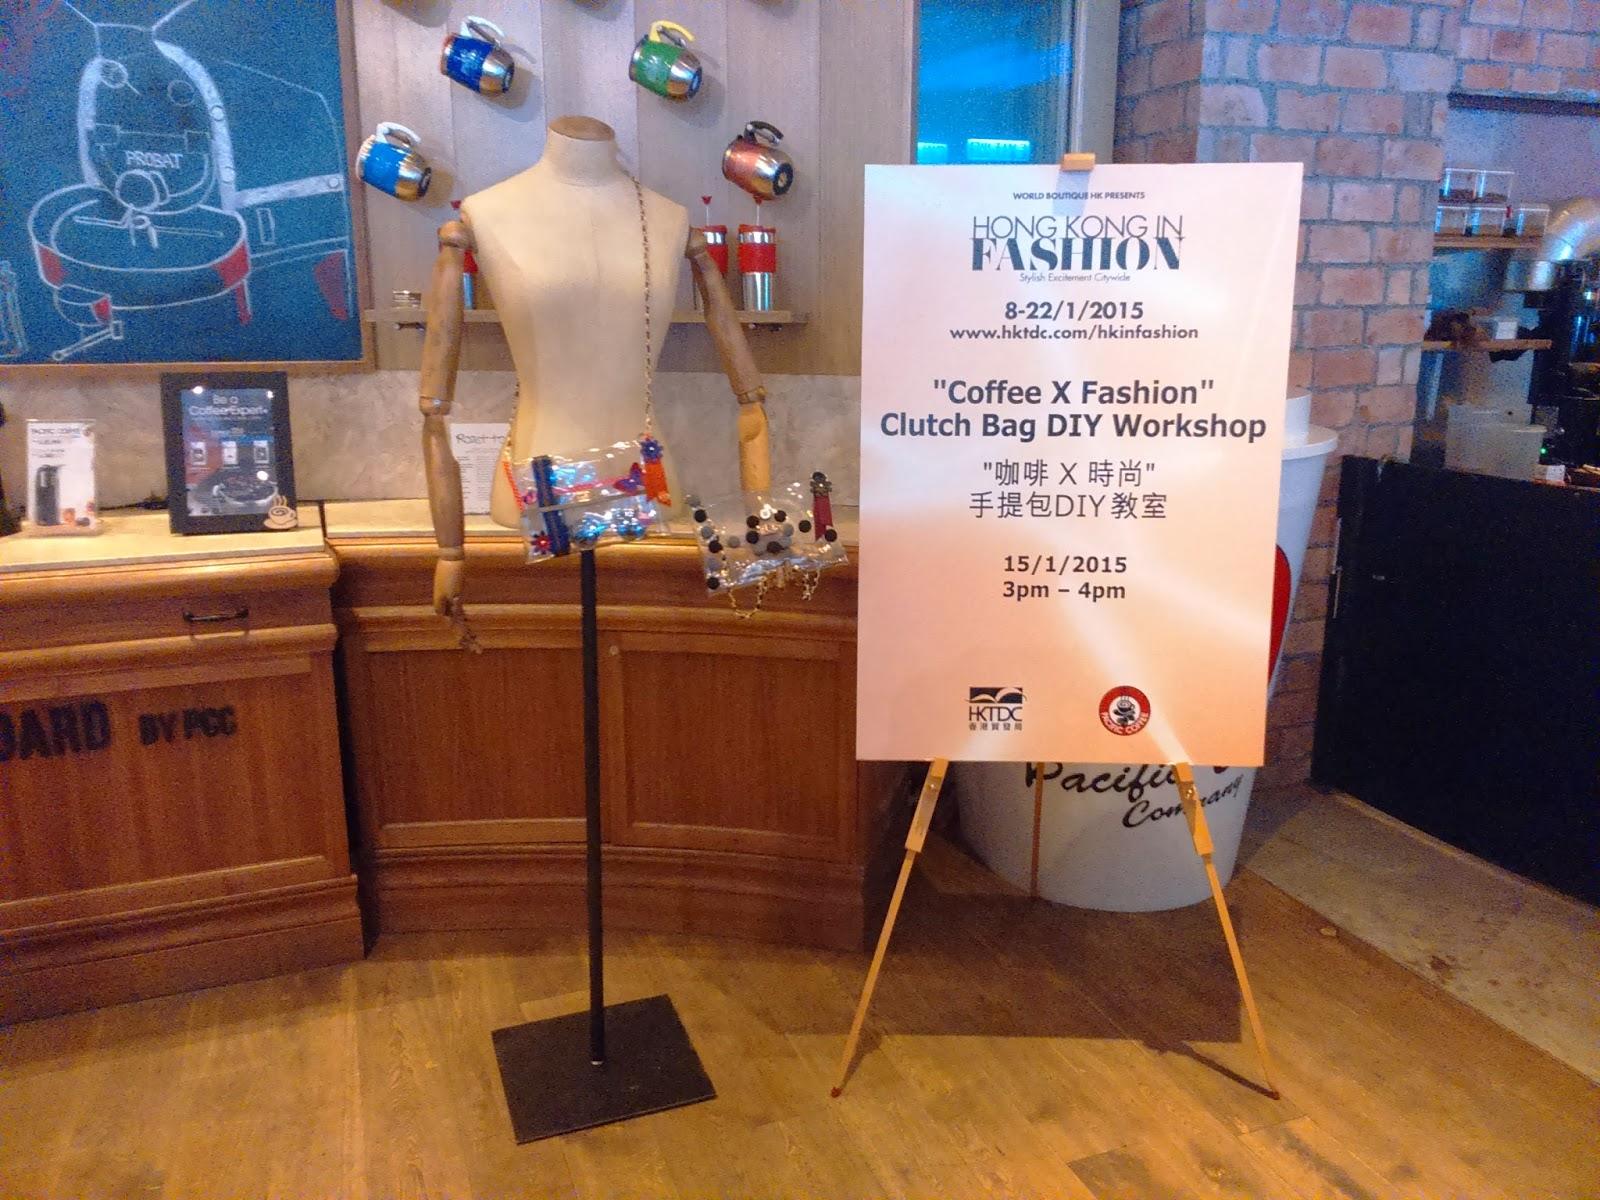 >> 透明 Clutch DIY*香港國際時尚薈萃﹣Coffee x Fashion Clutch DIY 工作坊